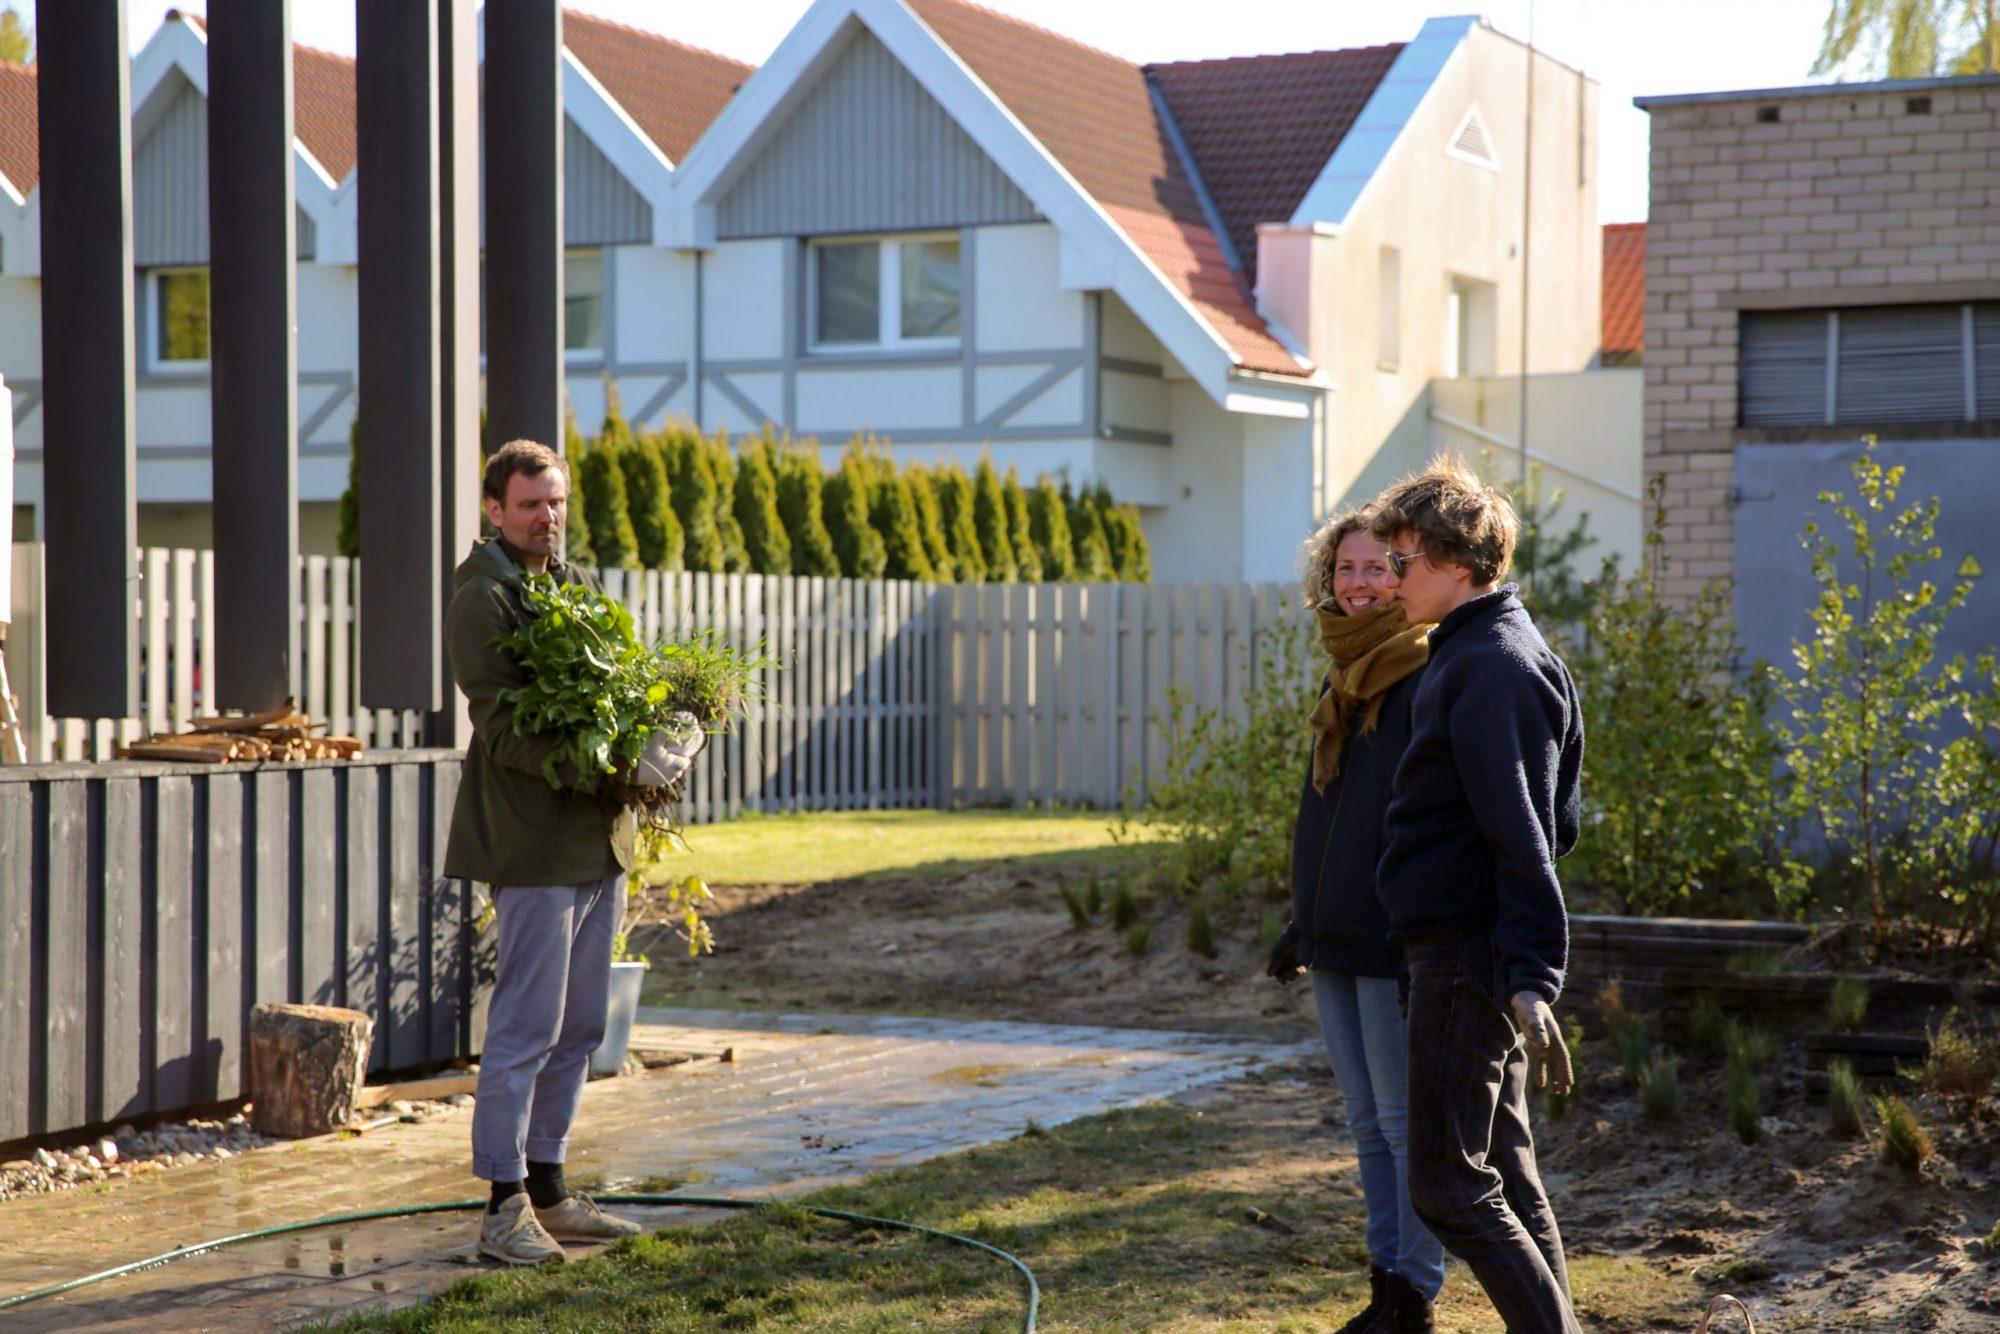 Nauji projekai Nidos meno kolonijoje (3): sodas kaip pokalbio paveikslas